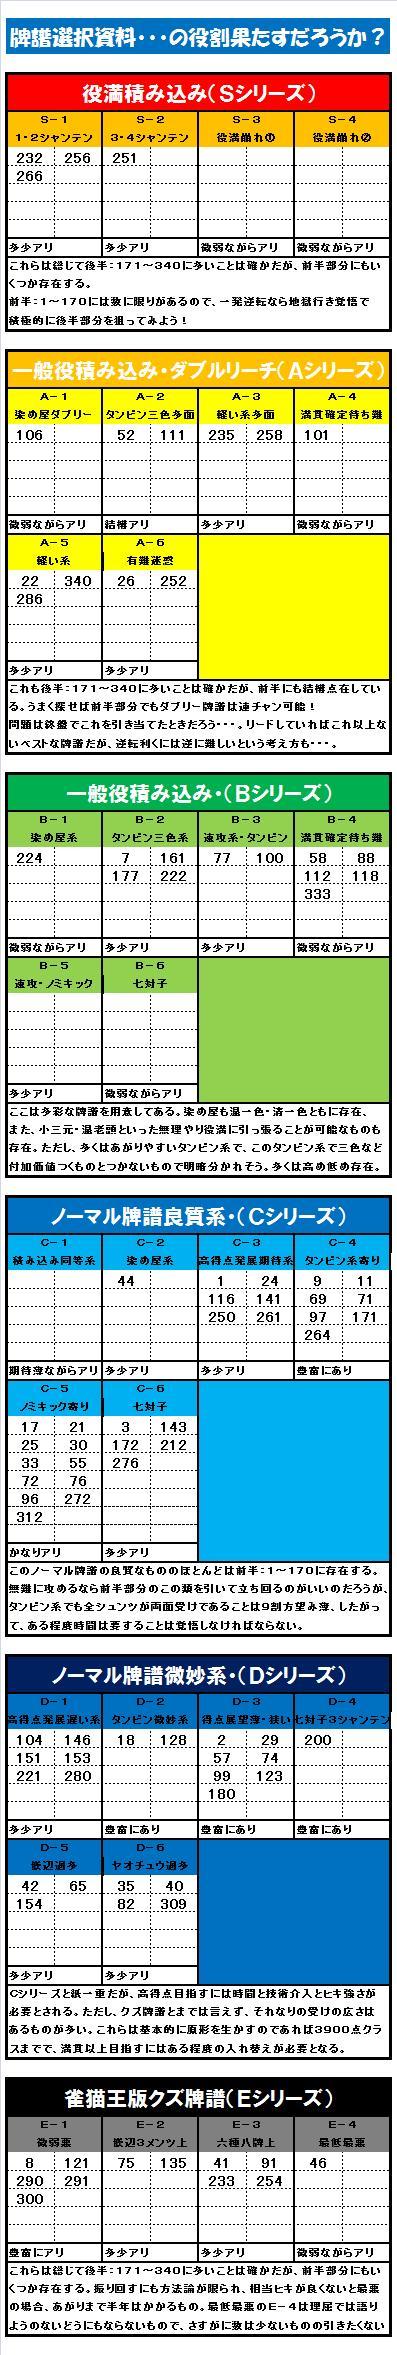 20130831・牌譜選択資料.jpg